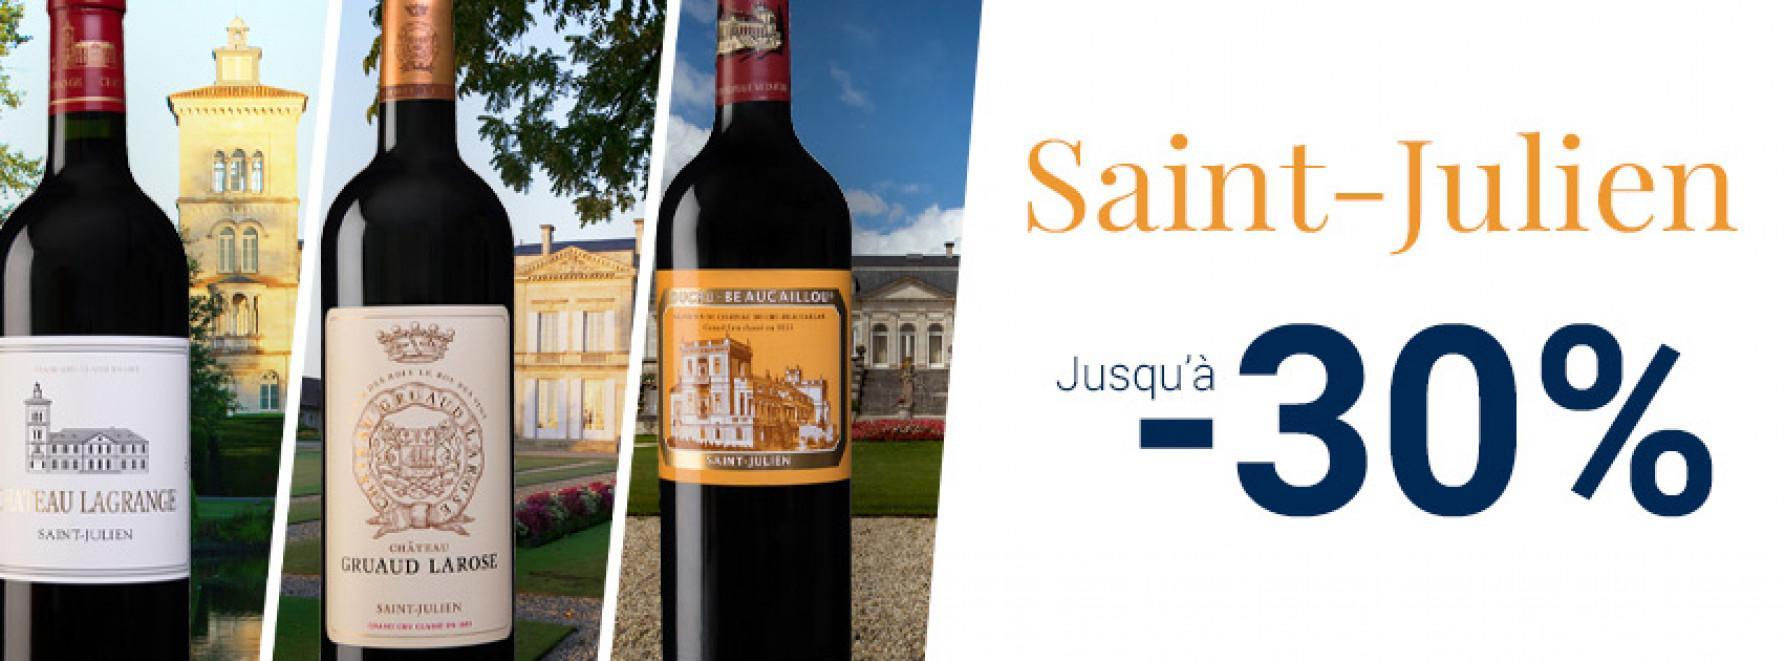 Saint-Julien - Jusqu'à -30%